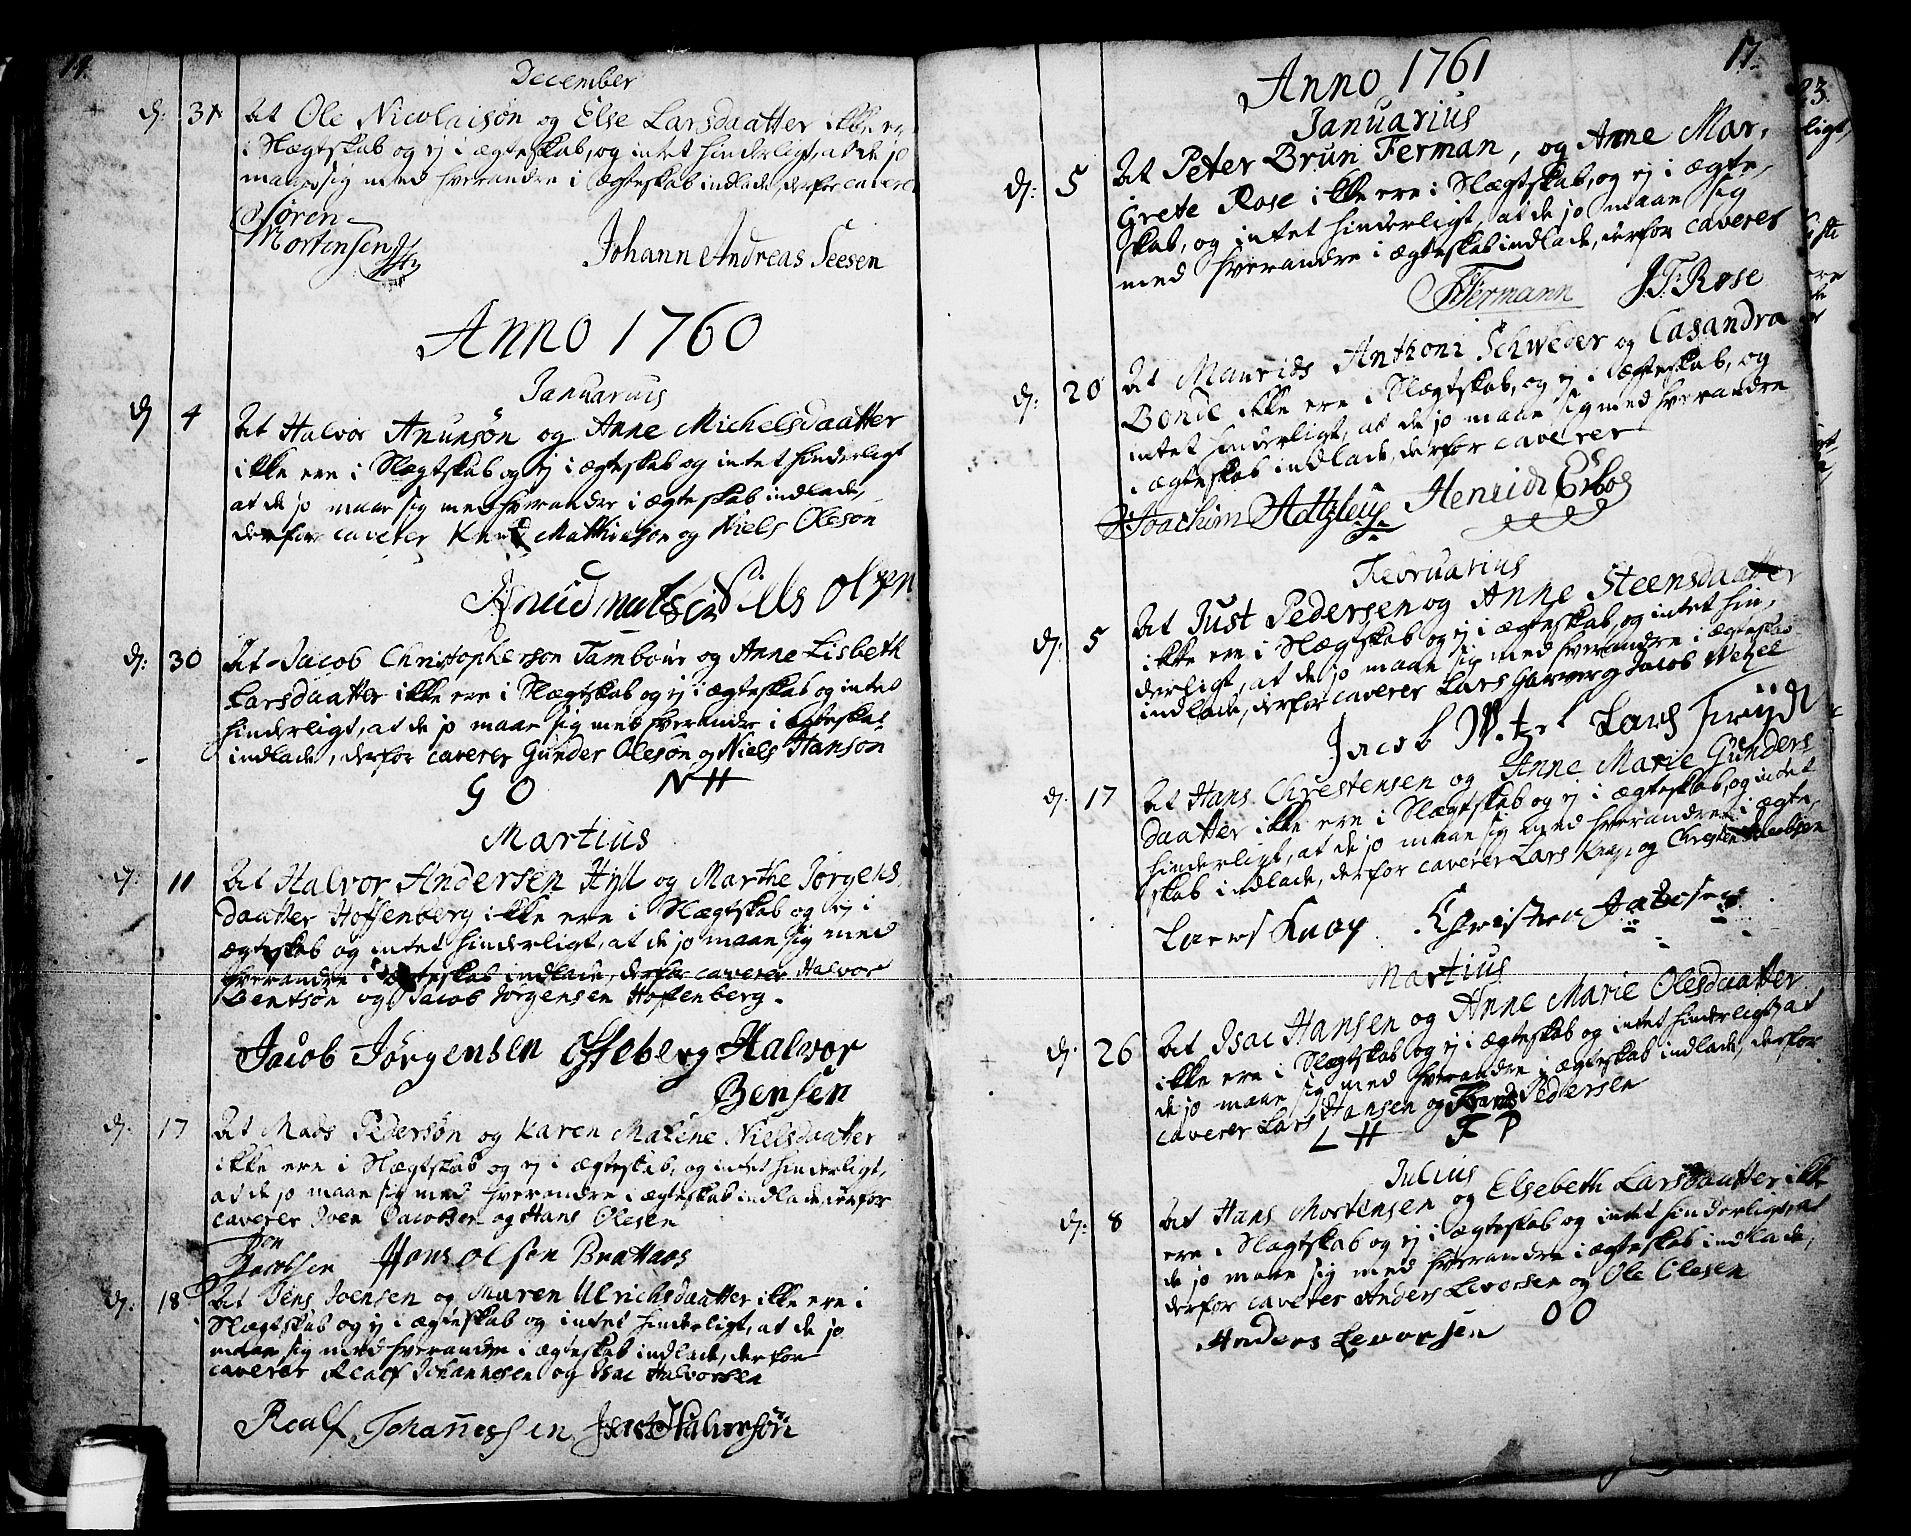 SAKO, Skien kirkebøker, F/Fa/L0003: Ministerialbok nr. 3, 1755-1791, s. 14-15